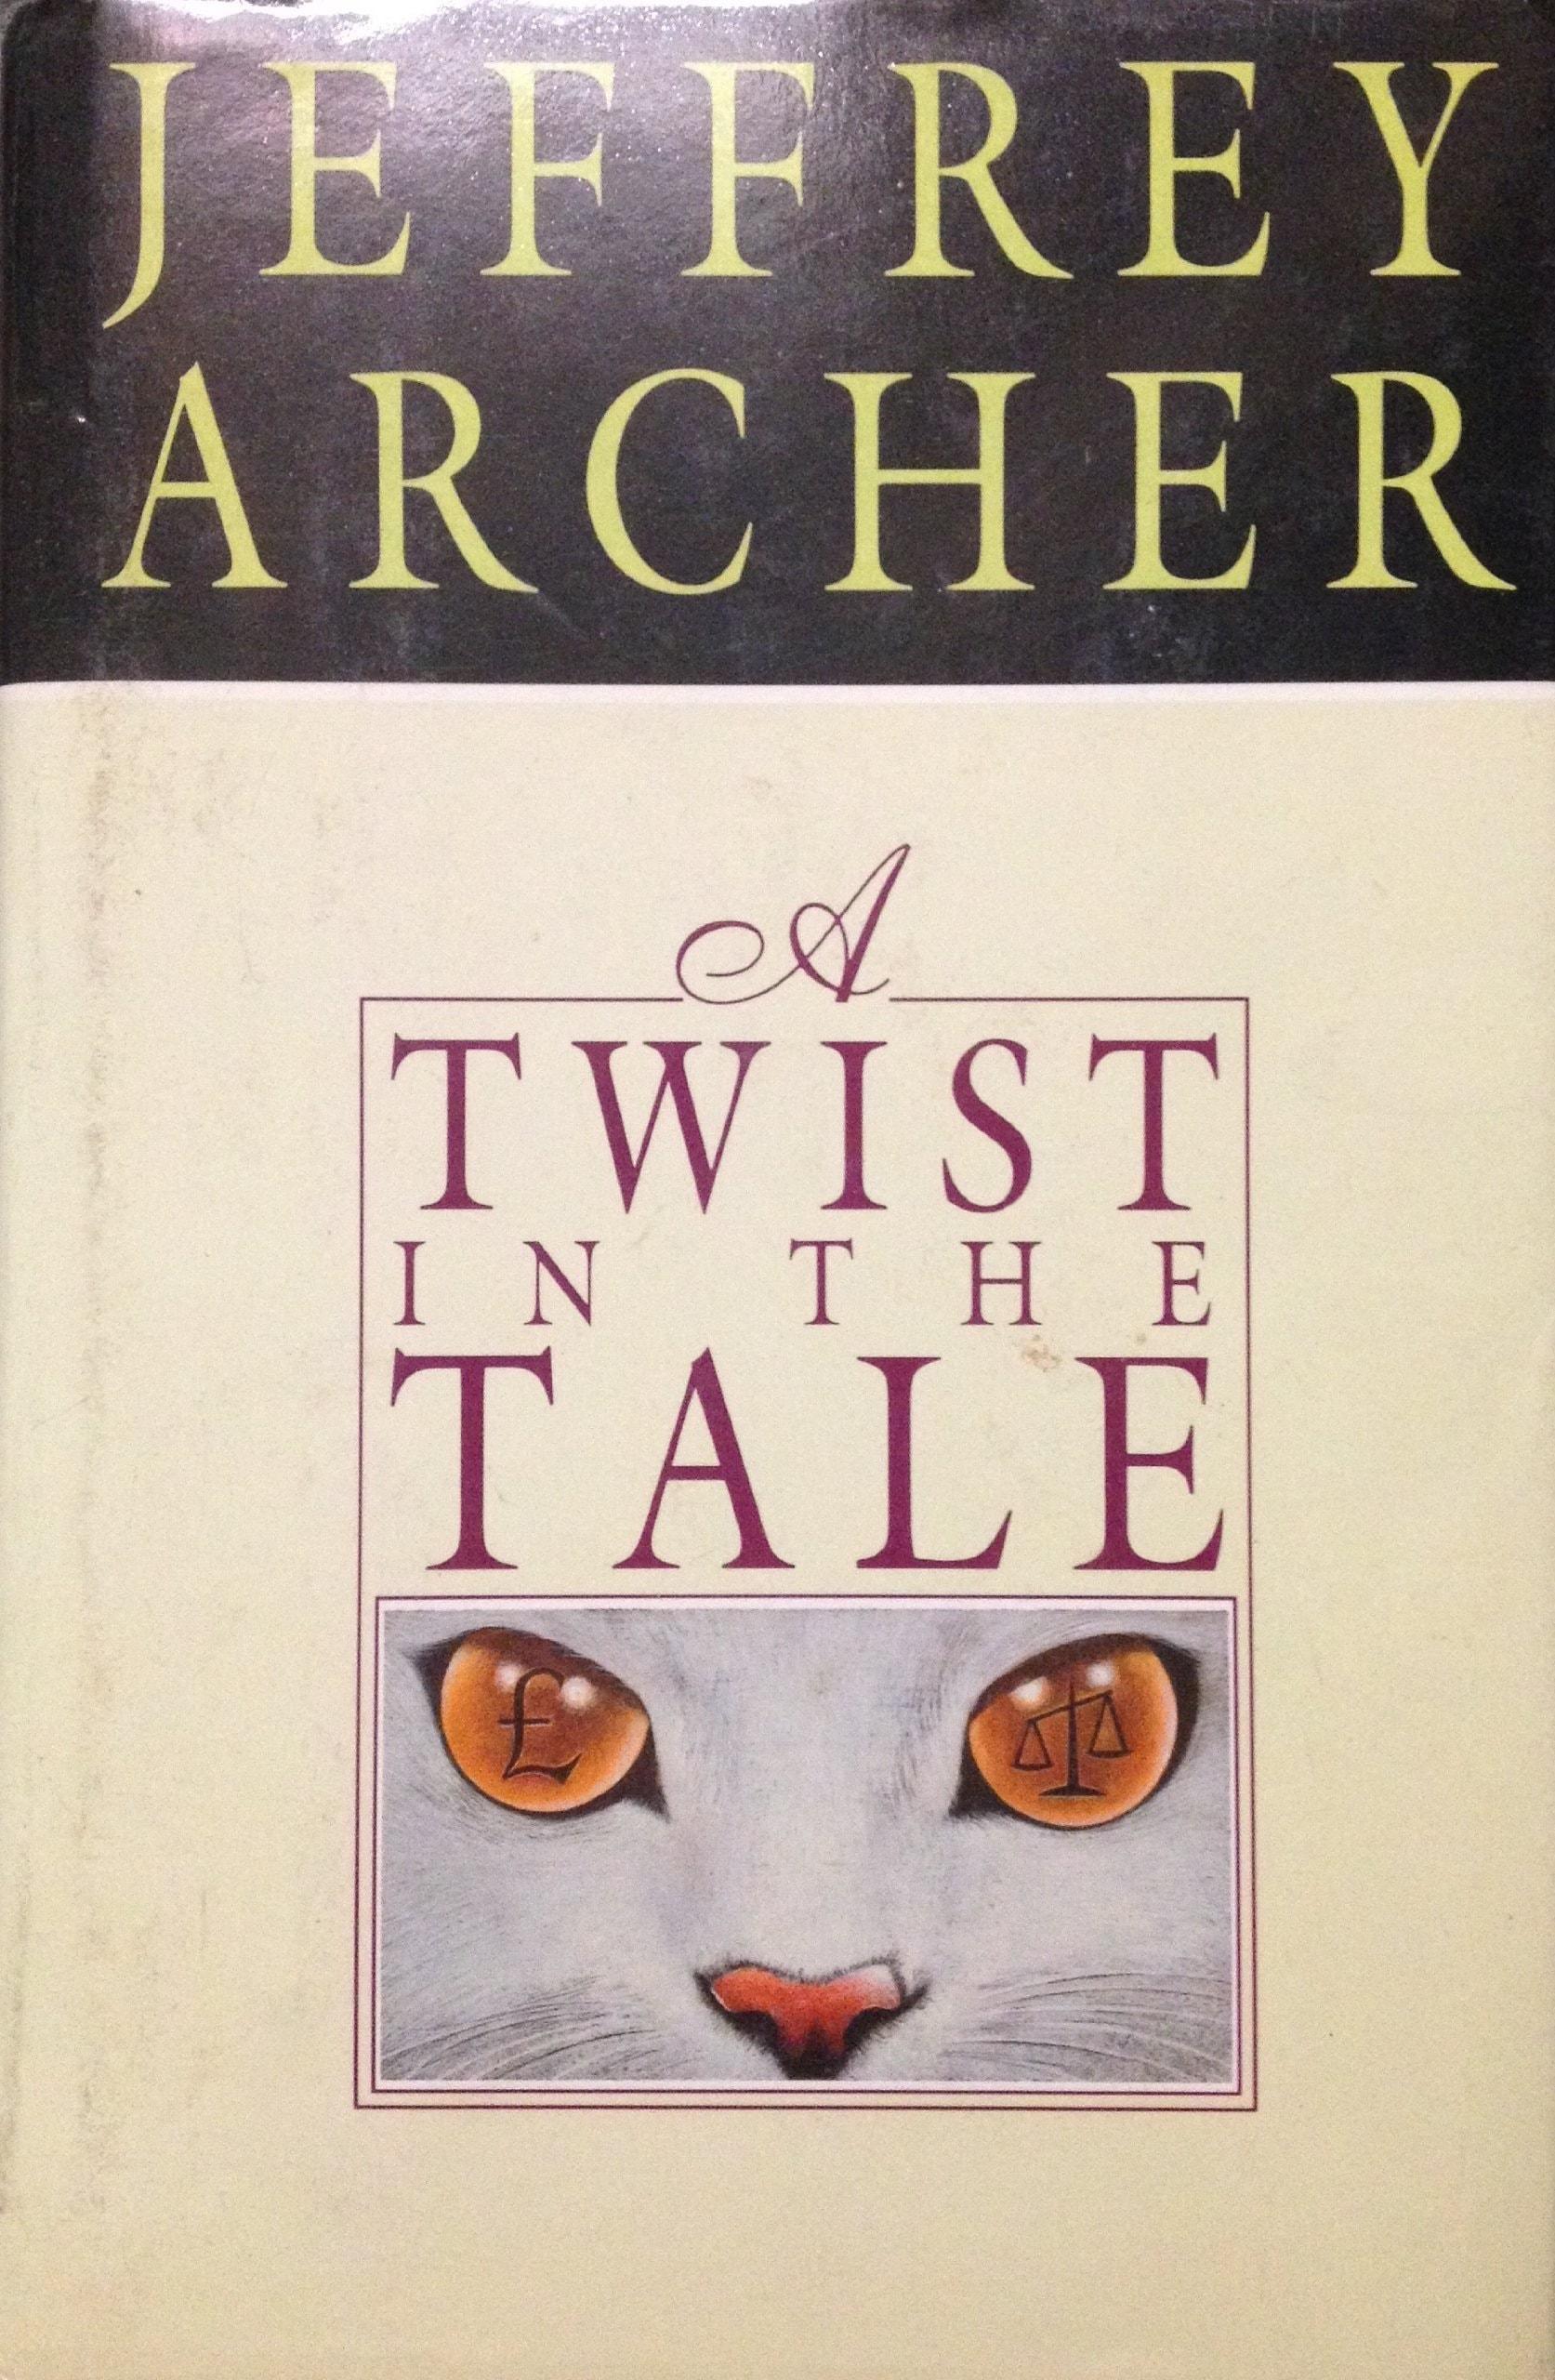 A Twist In The Tale _ JEFFREY ARCHER